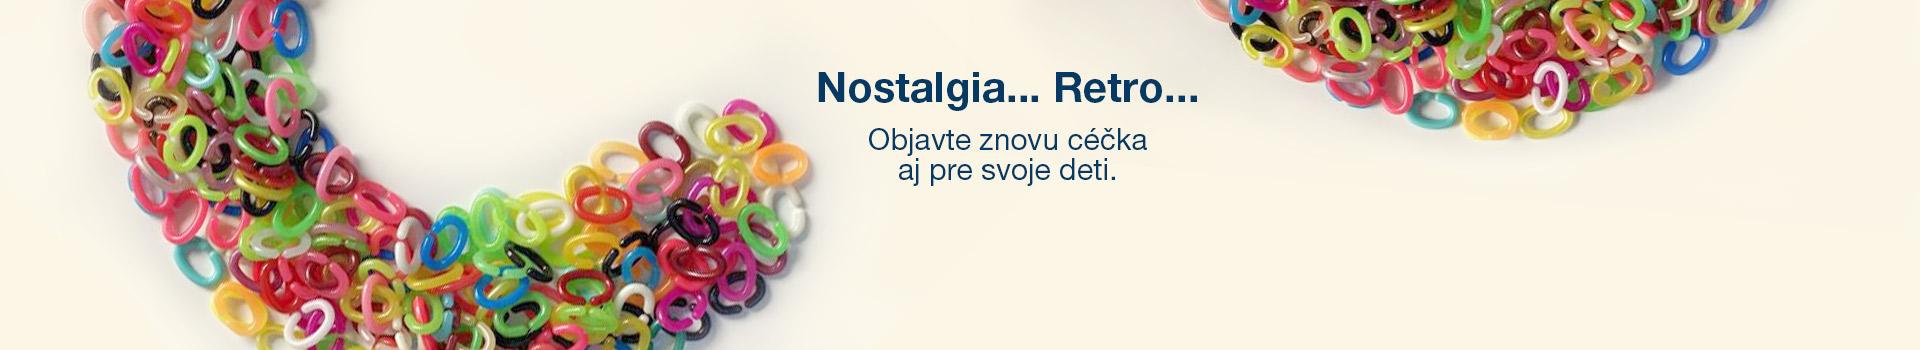 Retro-Cecka